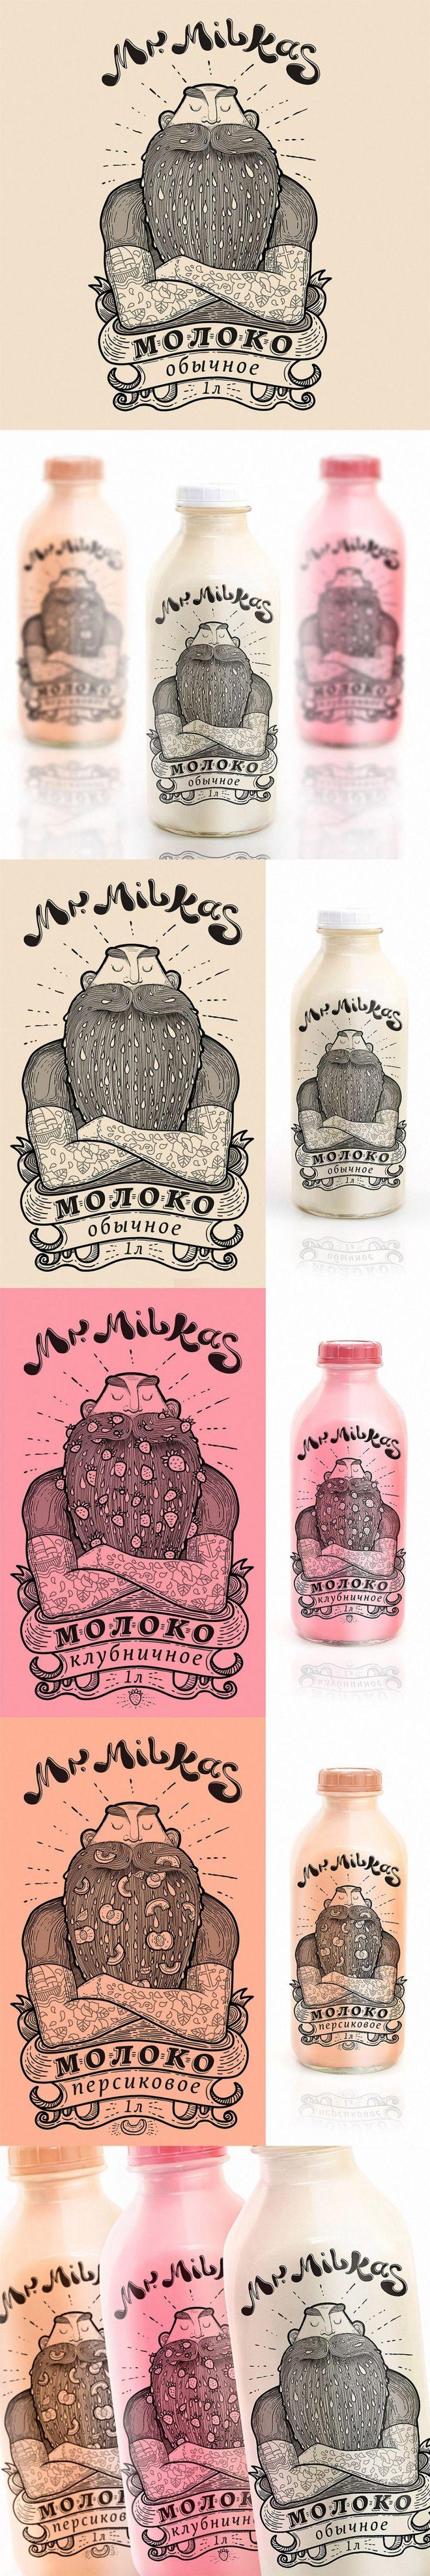 Mr. Milkas Milk Package